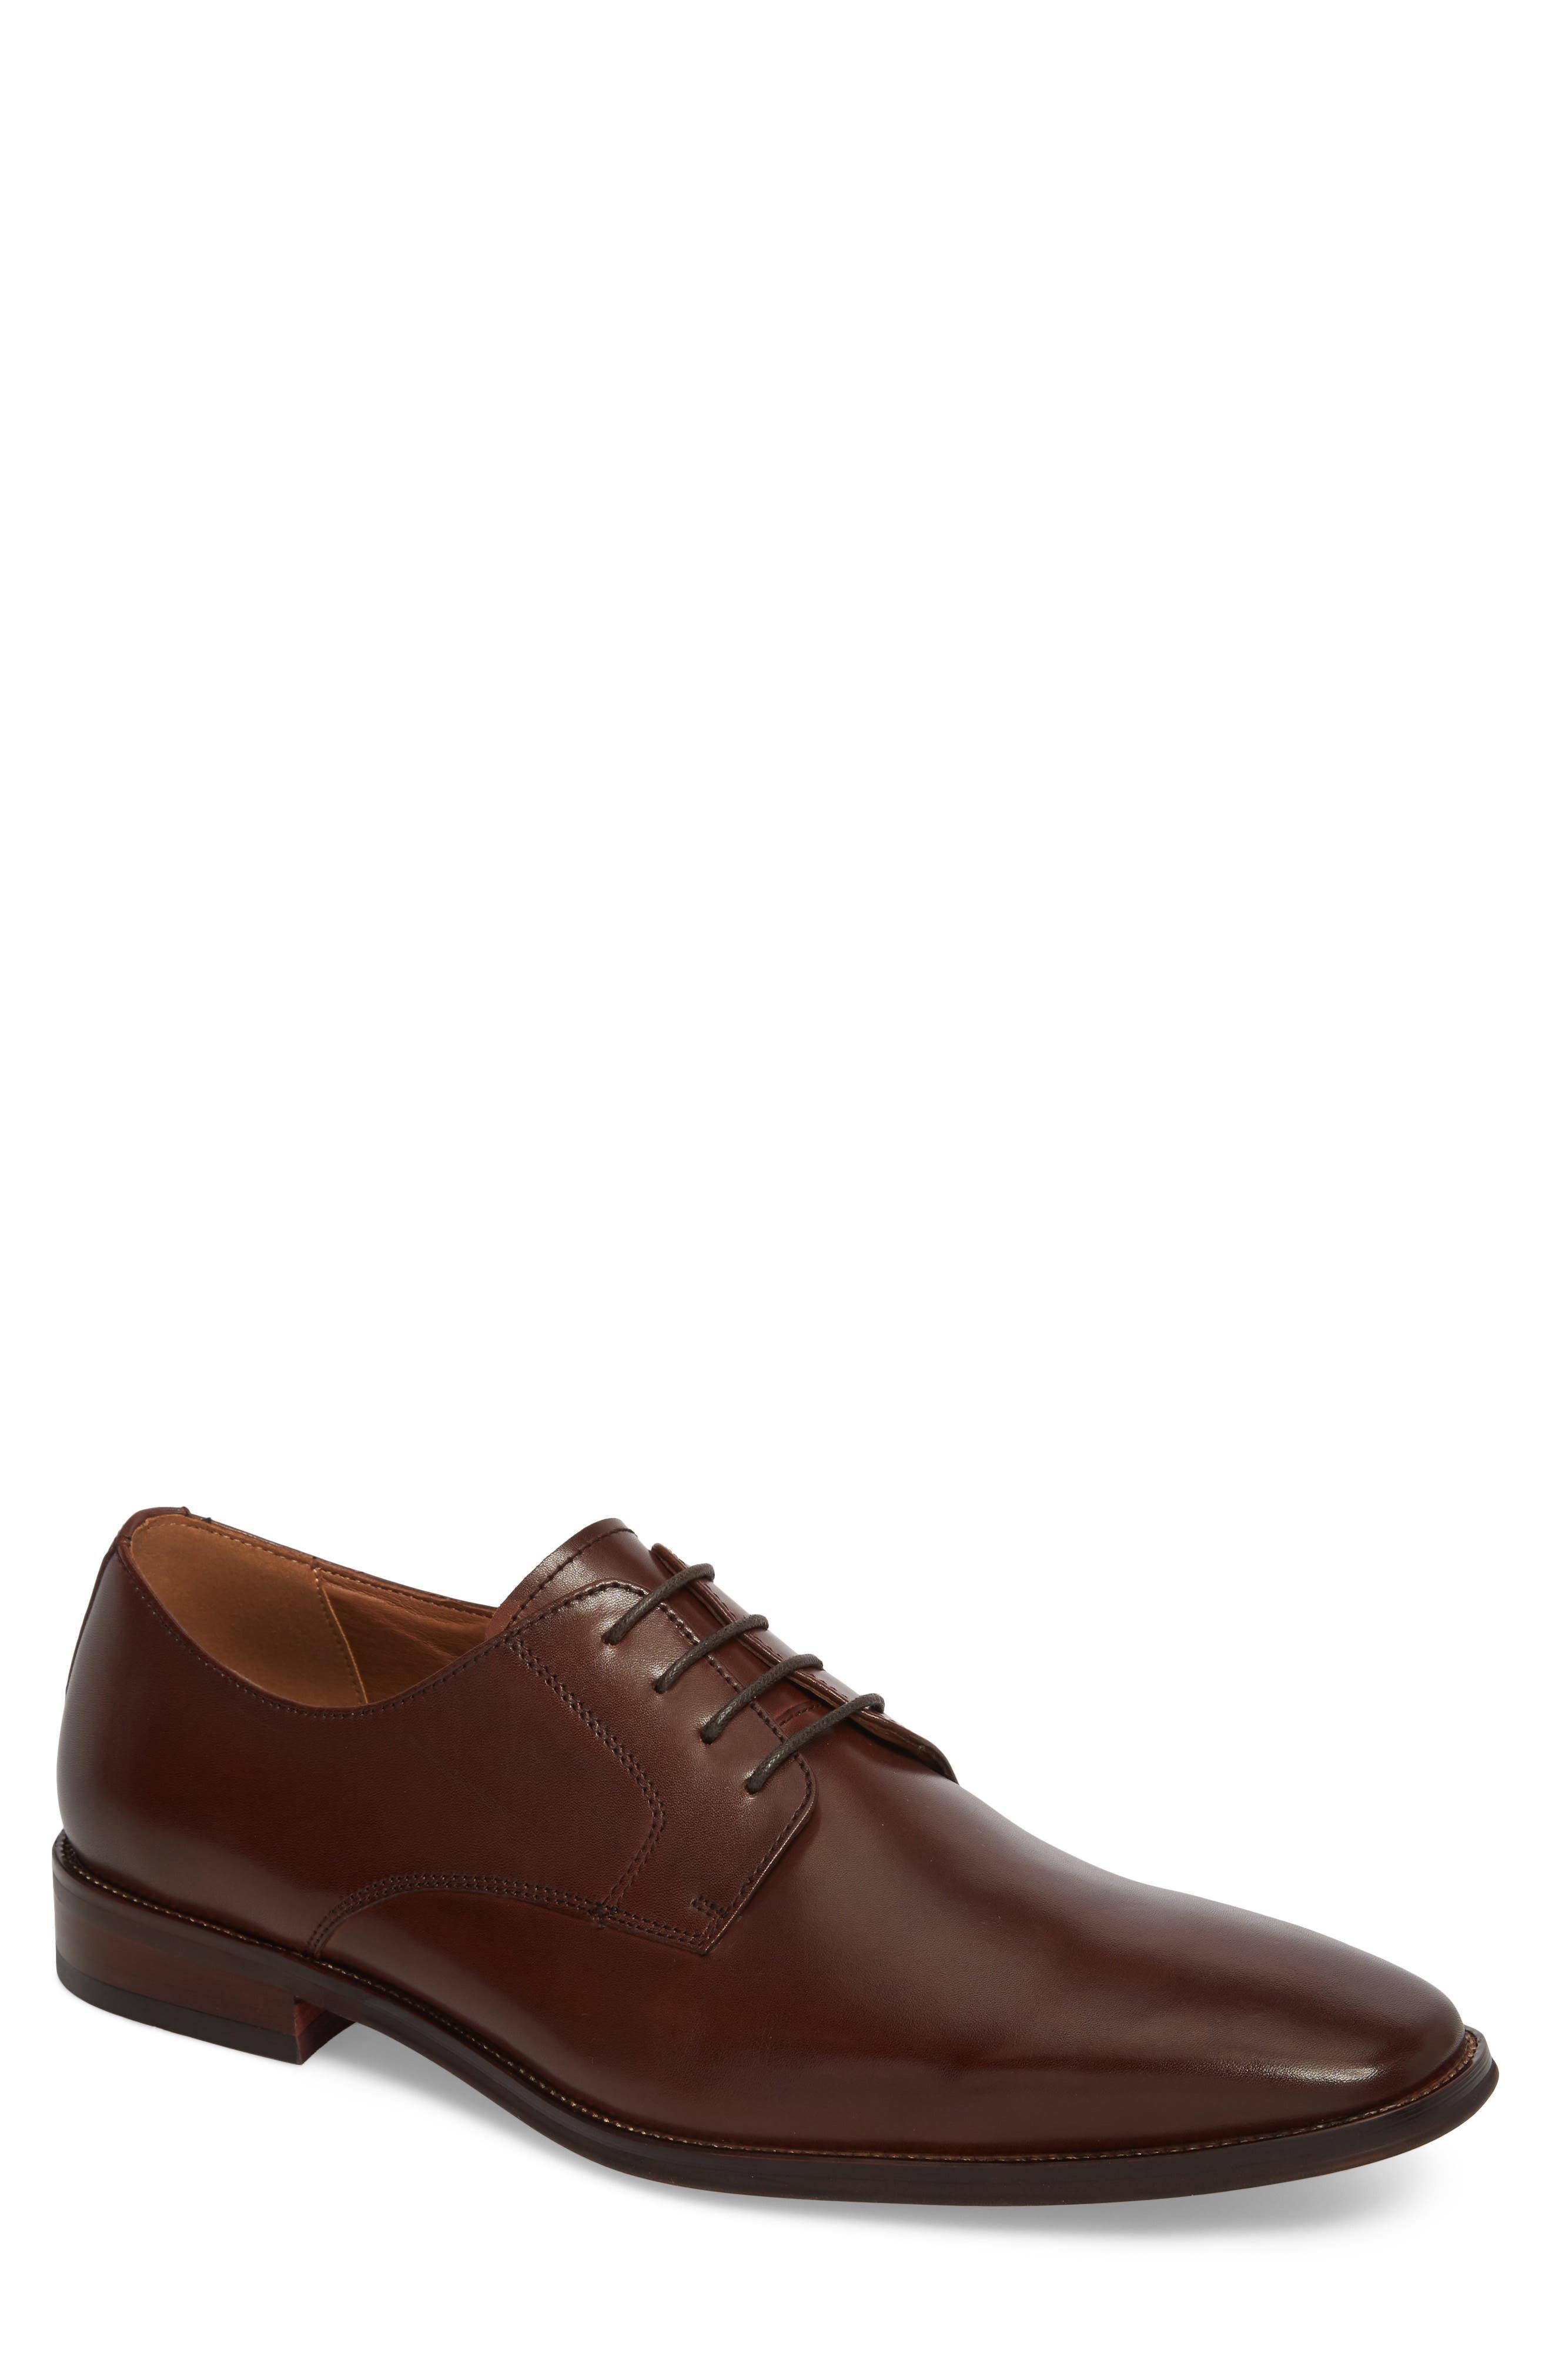 Phoenix Plain Toe Derby,                             Main thumbnail 1, color,                             Tan Leather